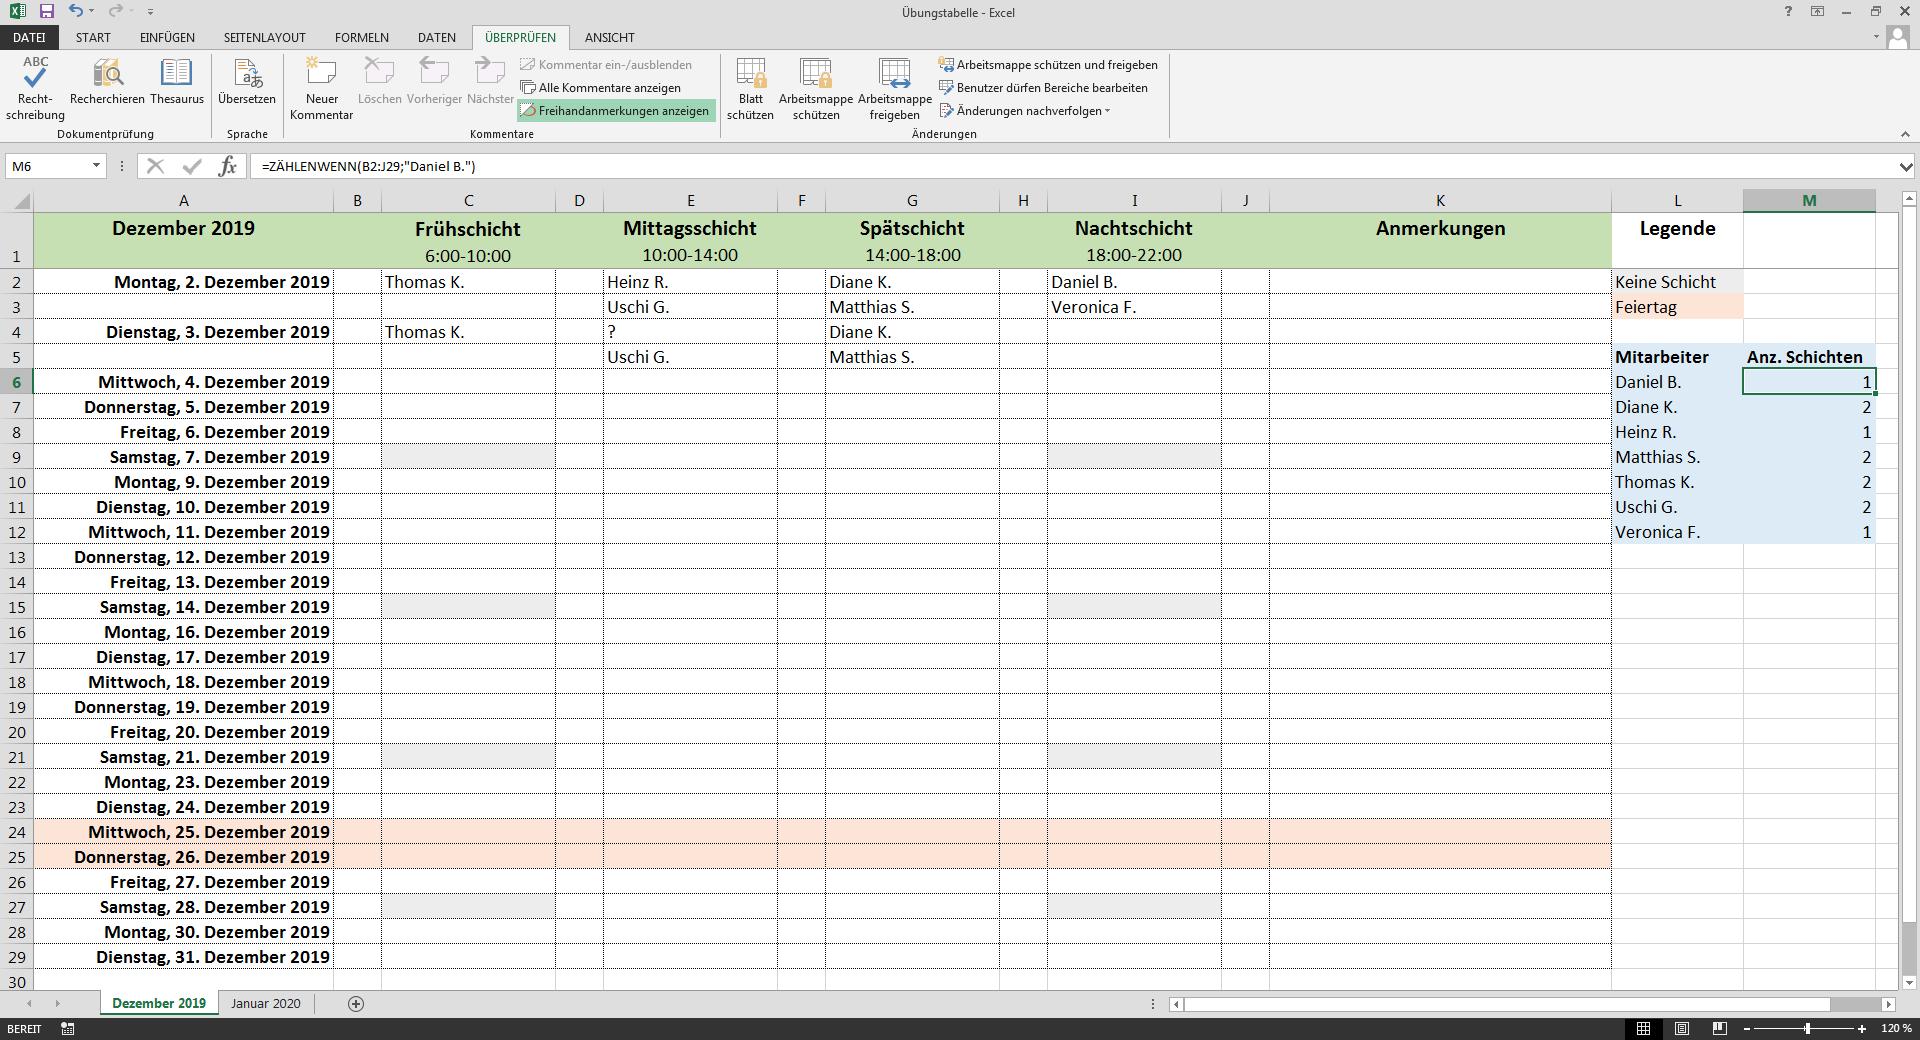 Excel Monatsubersicht Aus Jahres Dienstplan